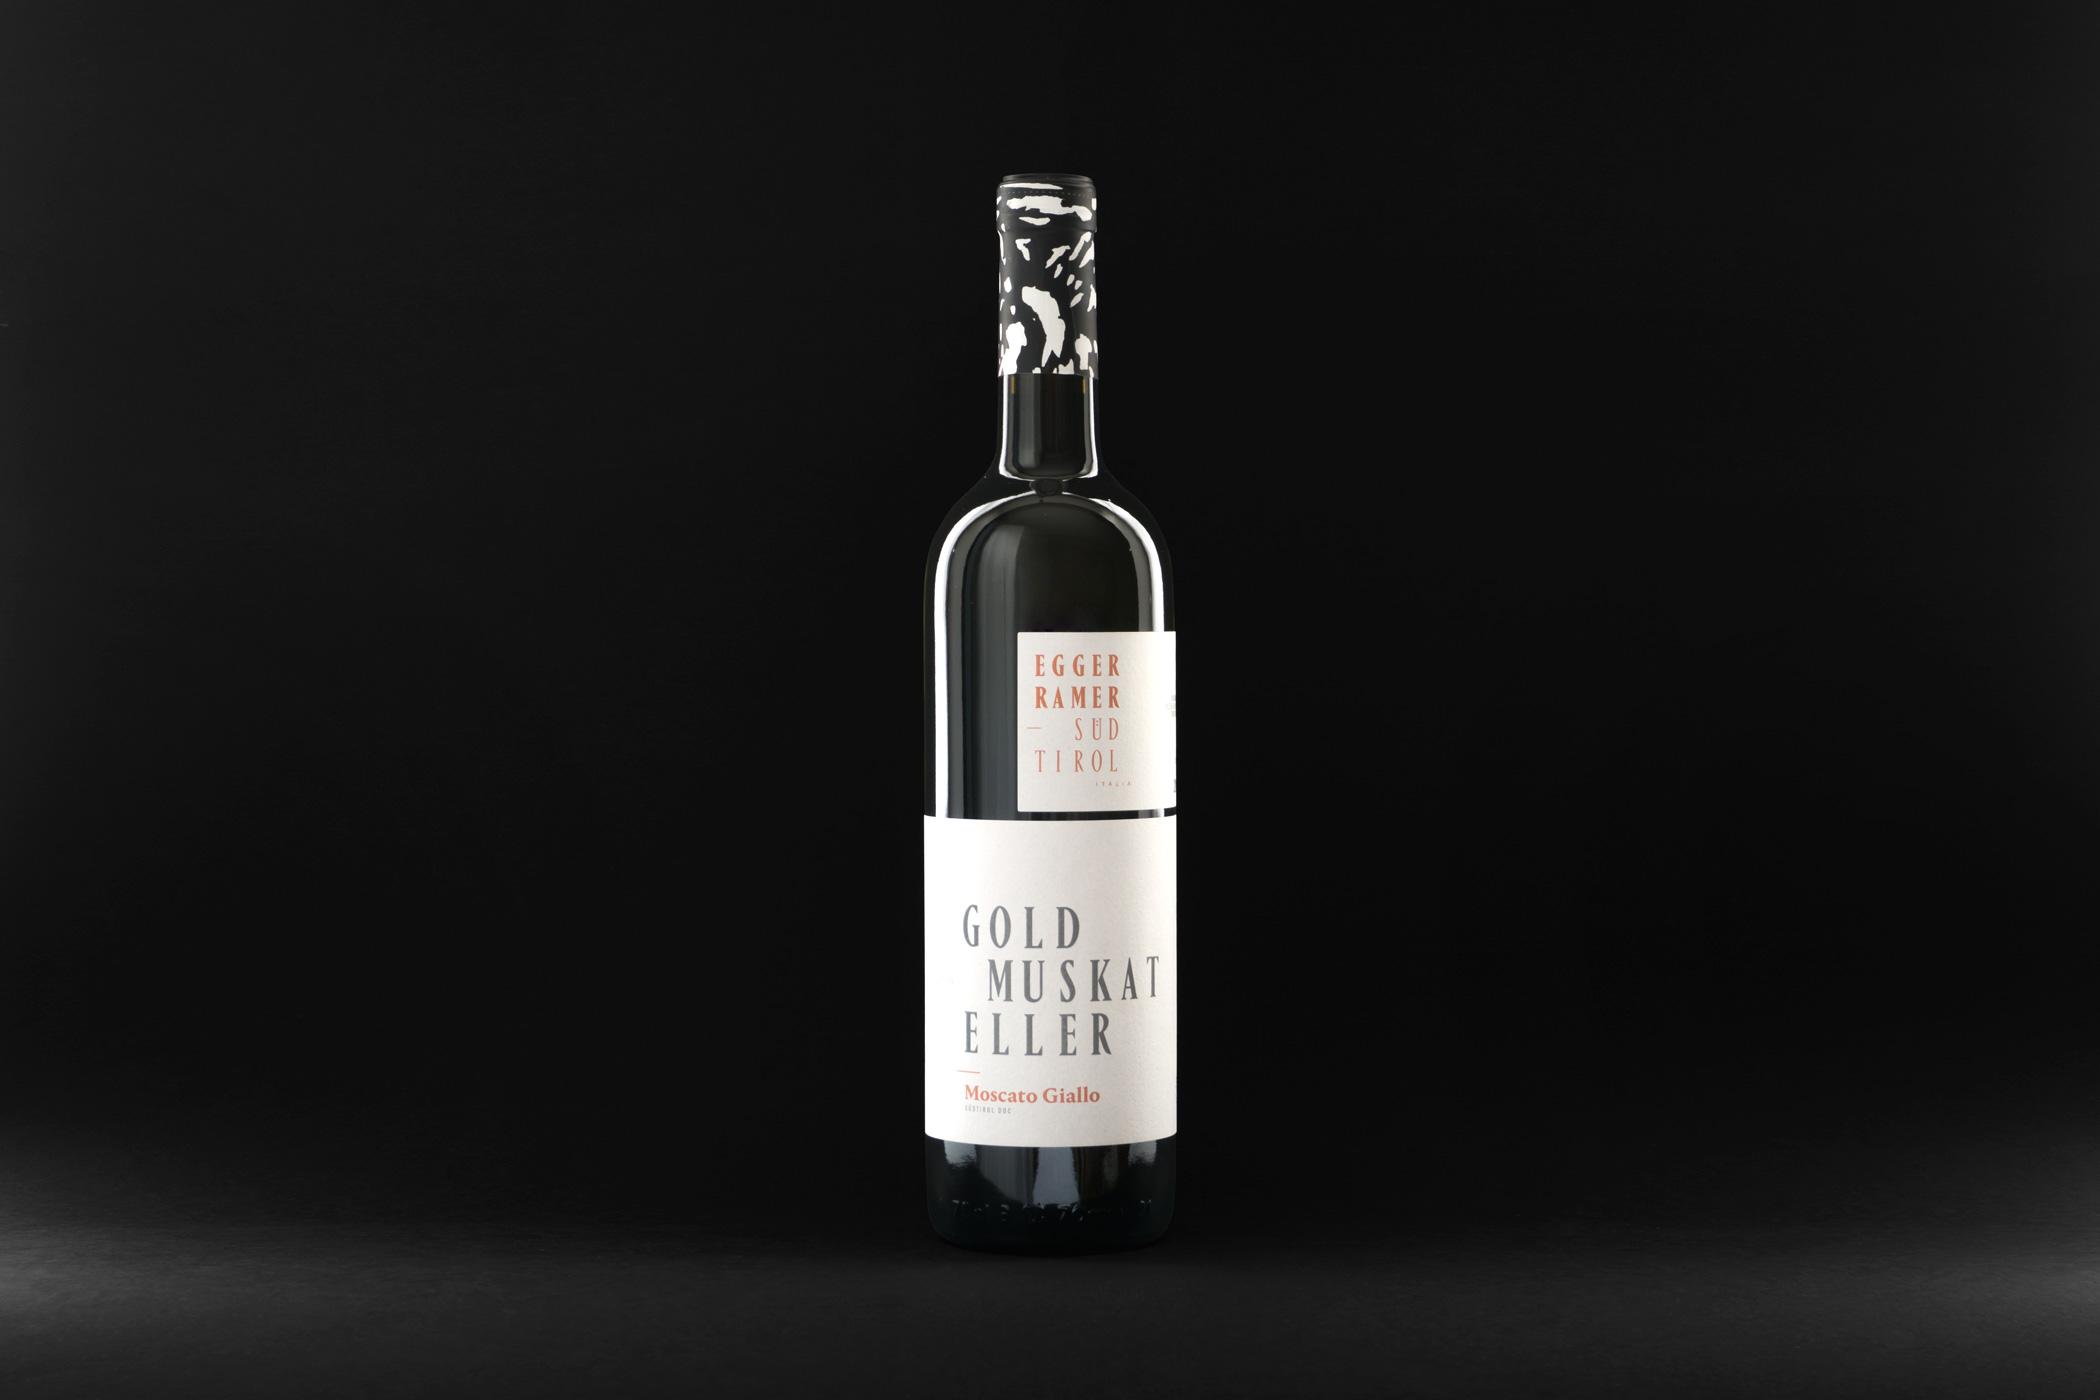 Weinflasche des Weingut Egger-Ramer Südtirol mit einem Holzschnitt von Christian Thanhäuser